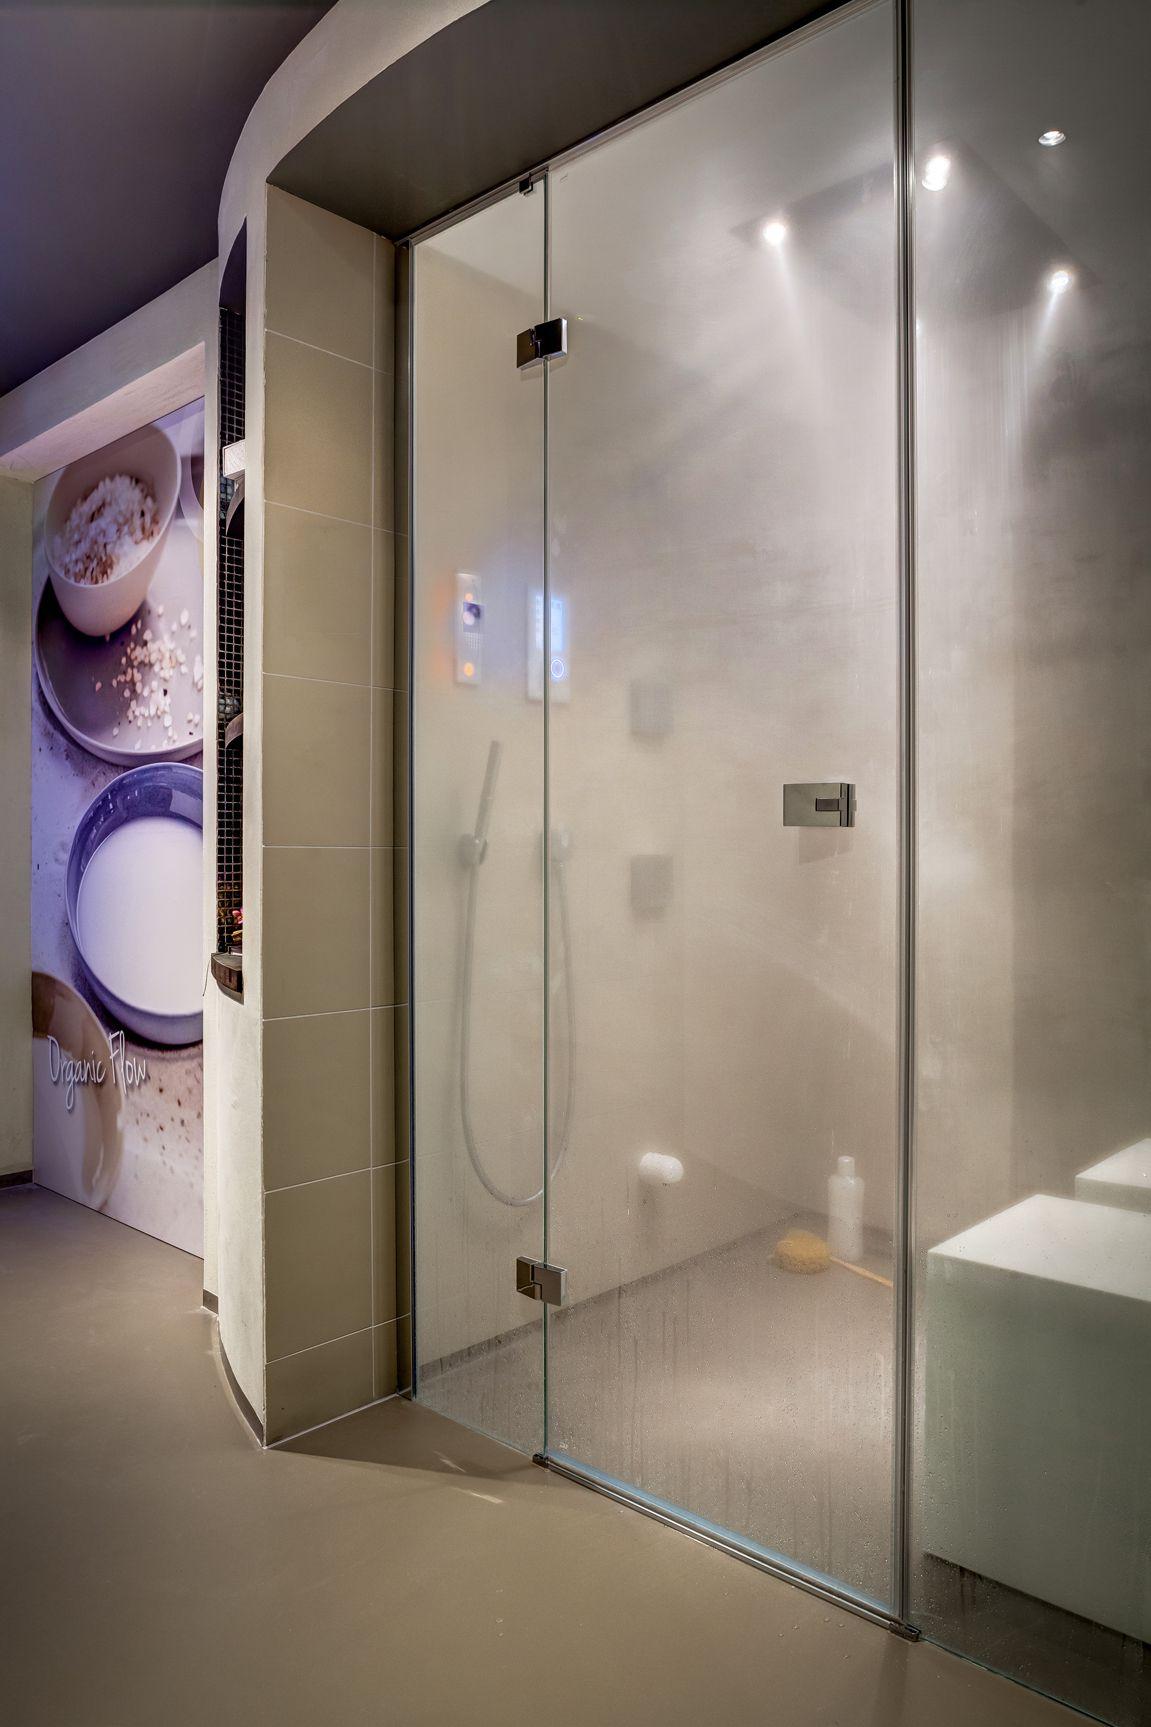 Cleopatras steam shower with hansgrohe rainbrain shower